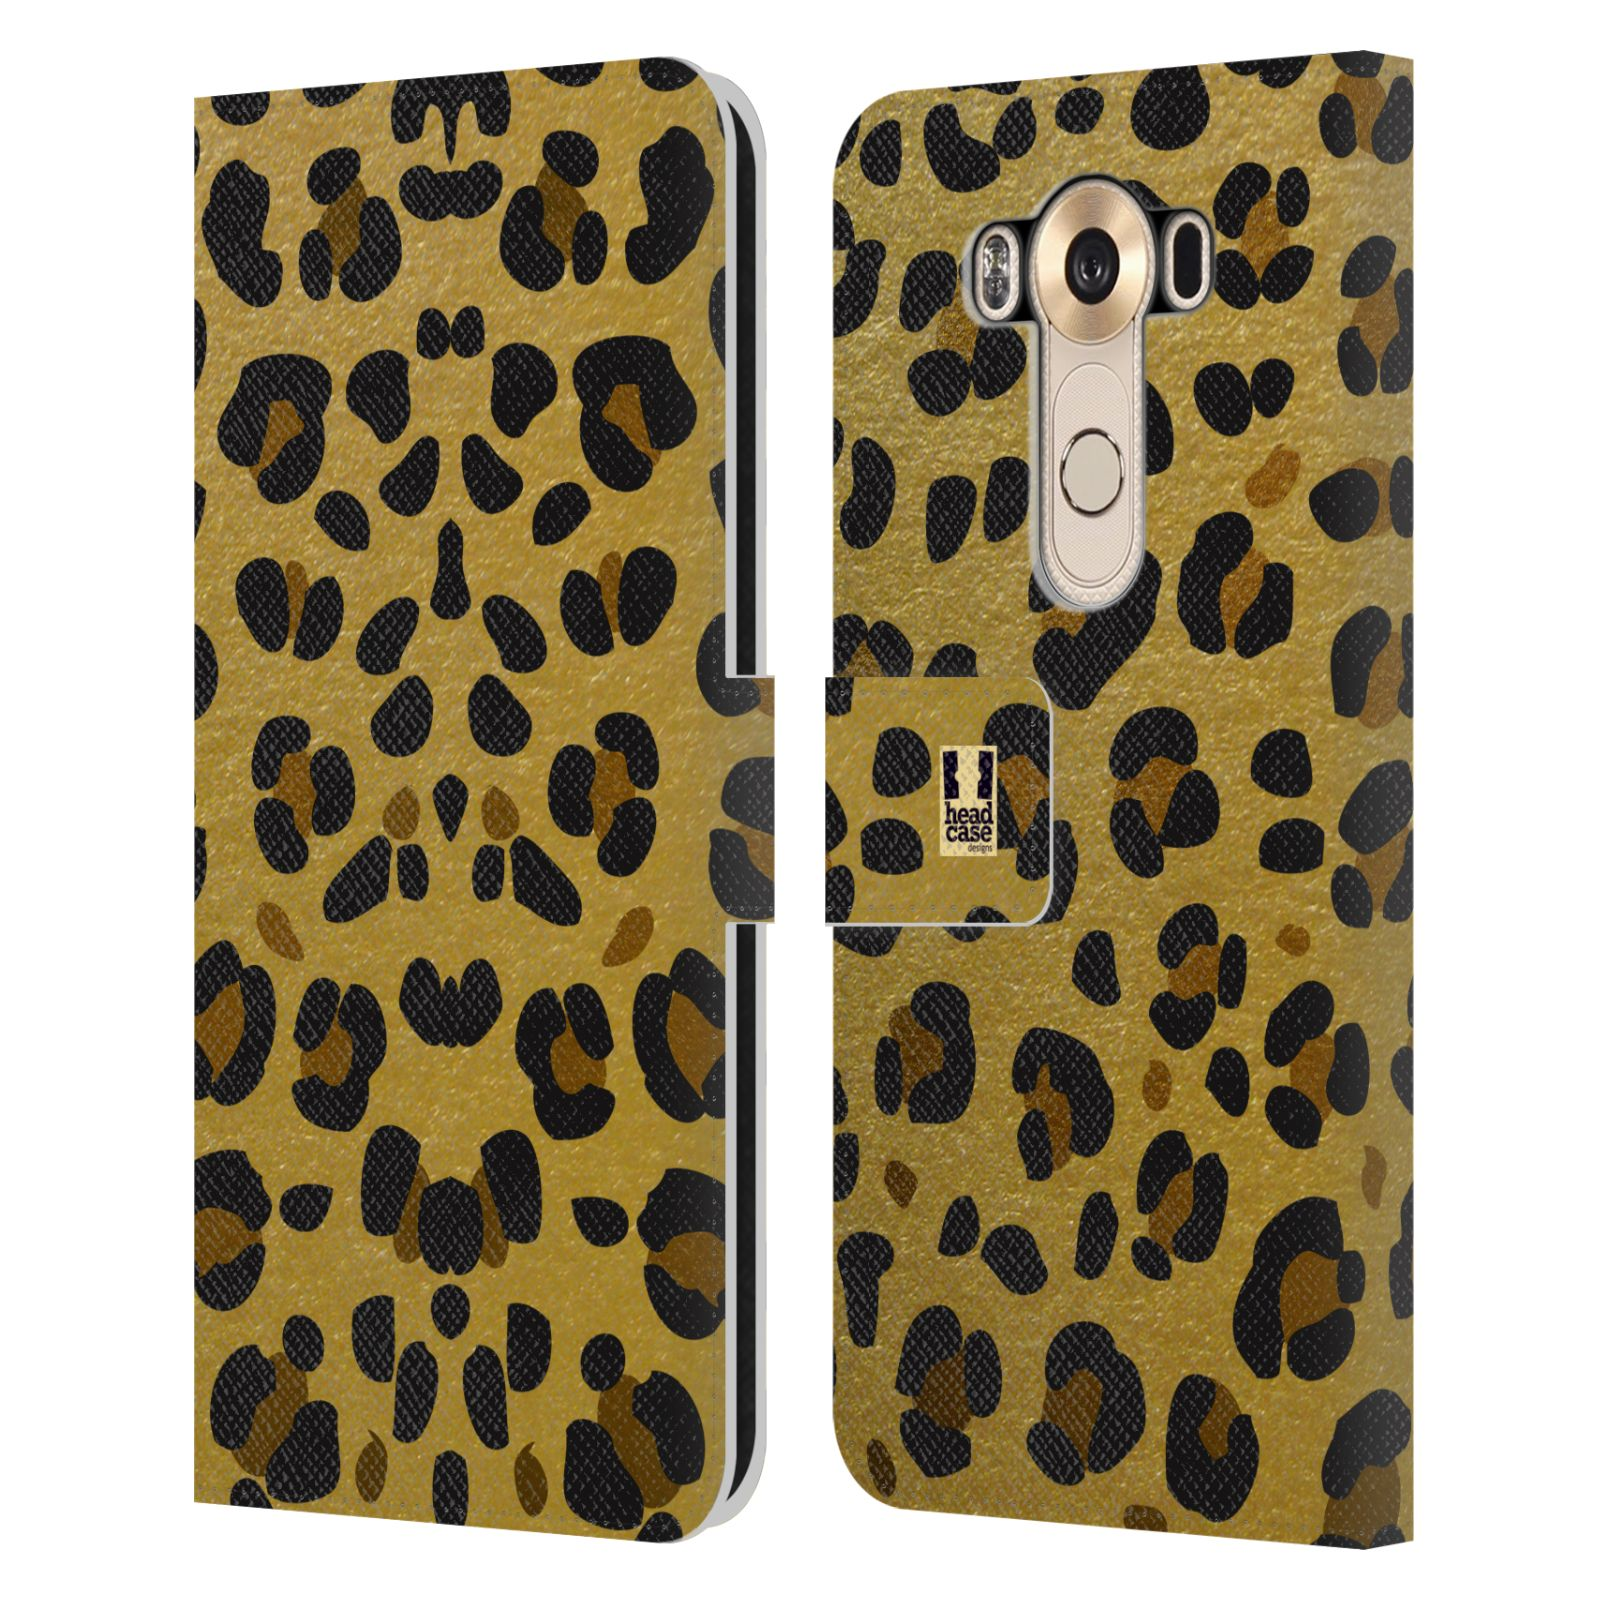 Pouzdro na mobil LG V10 - Head Case - Fashion zvířecí vzor